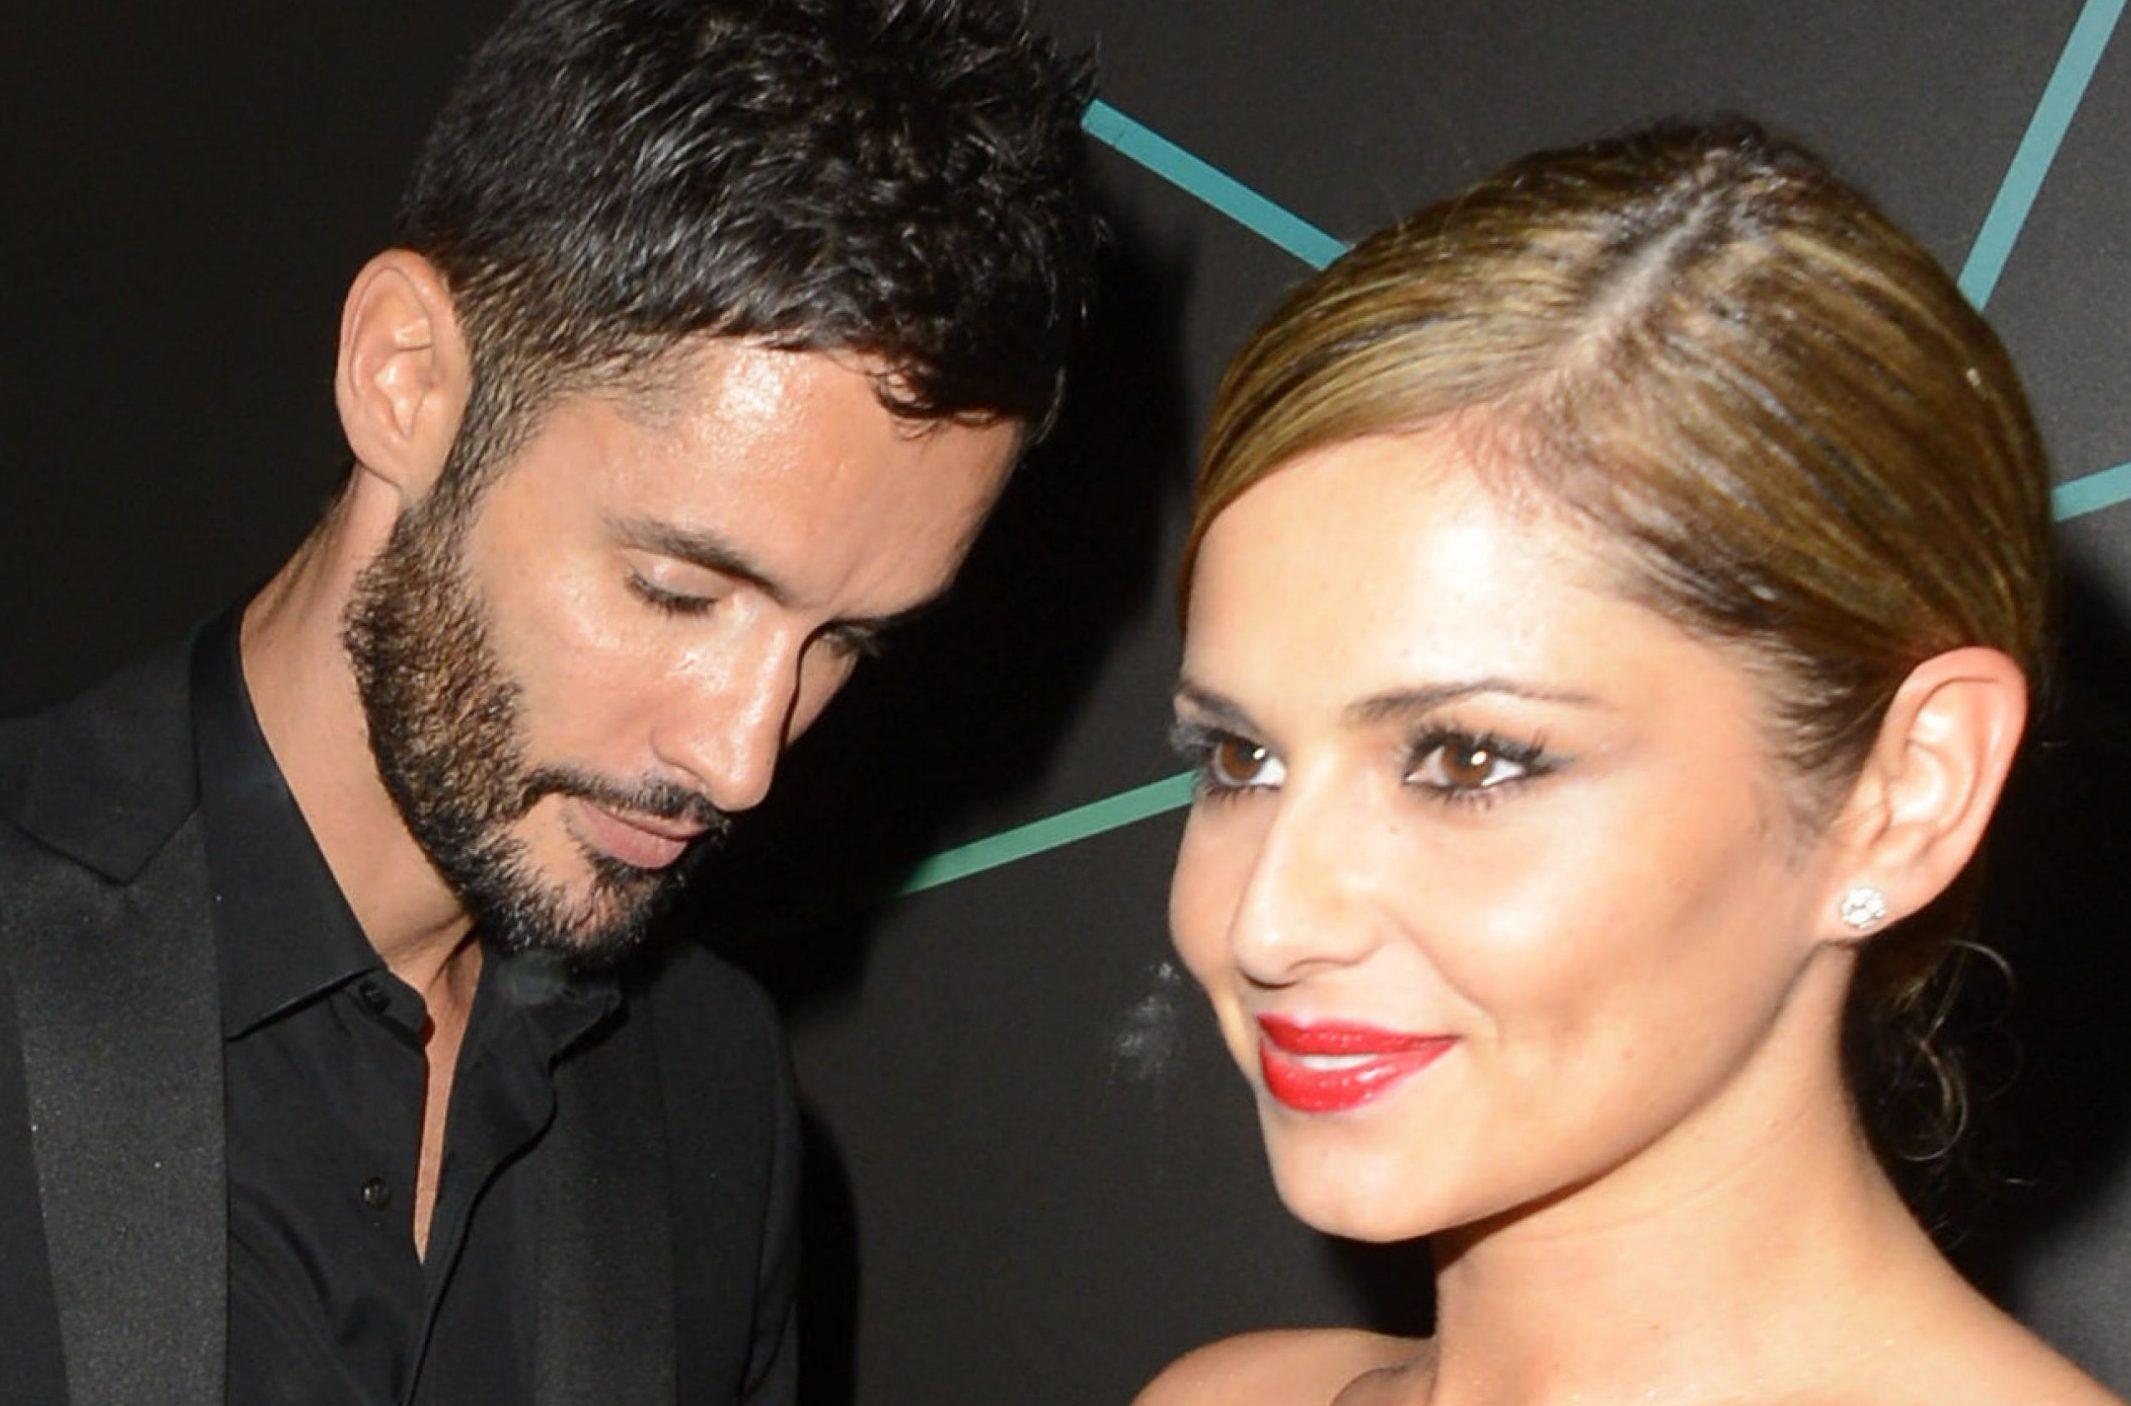 Cheryl's ex Jean-Bernard Fernandez-Versini admits he wants stability after becoming 'villain'